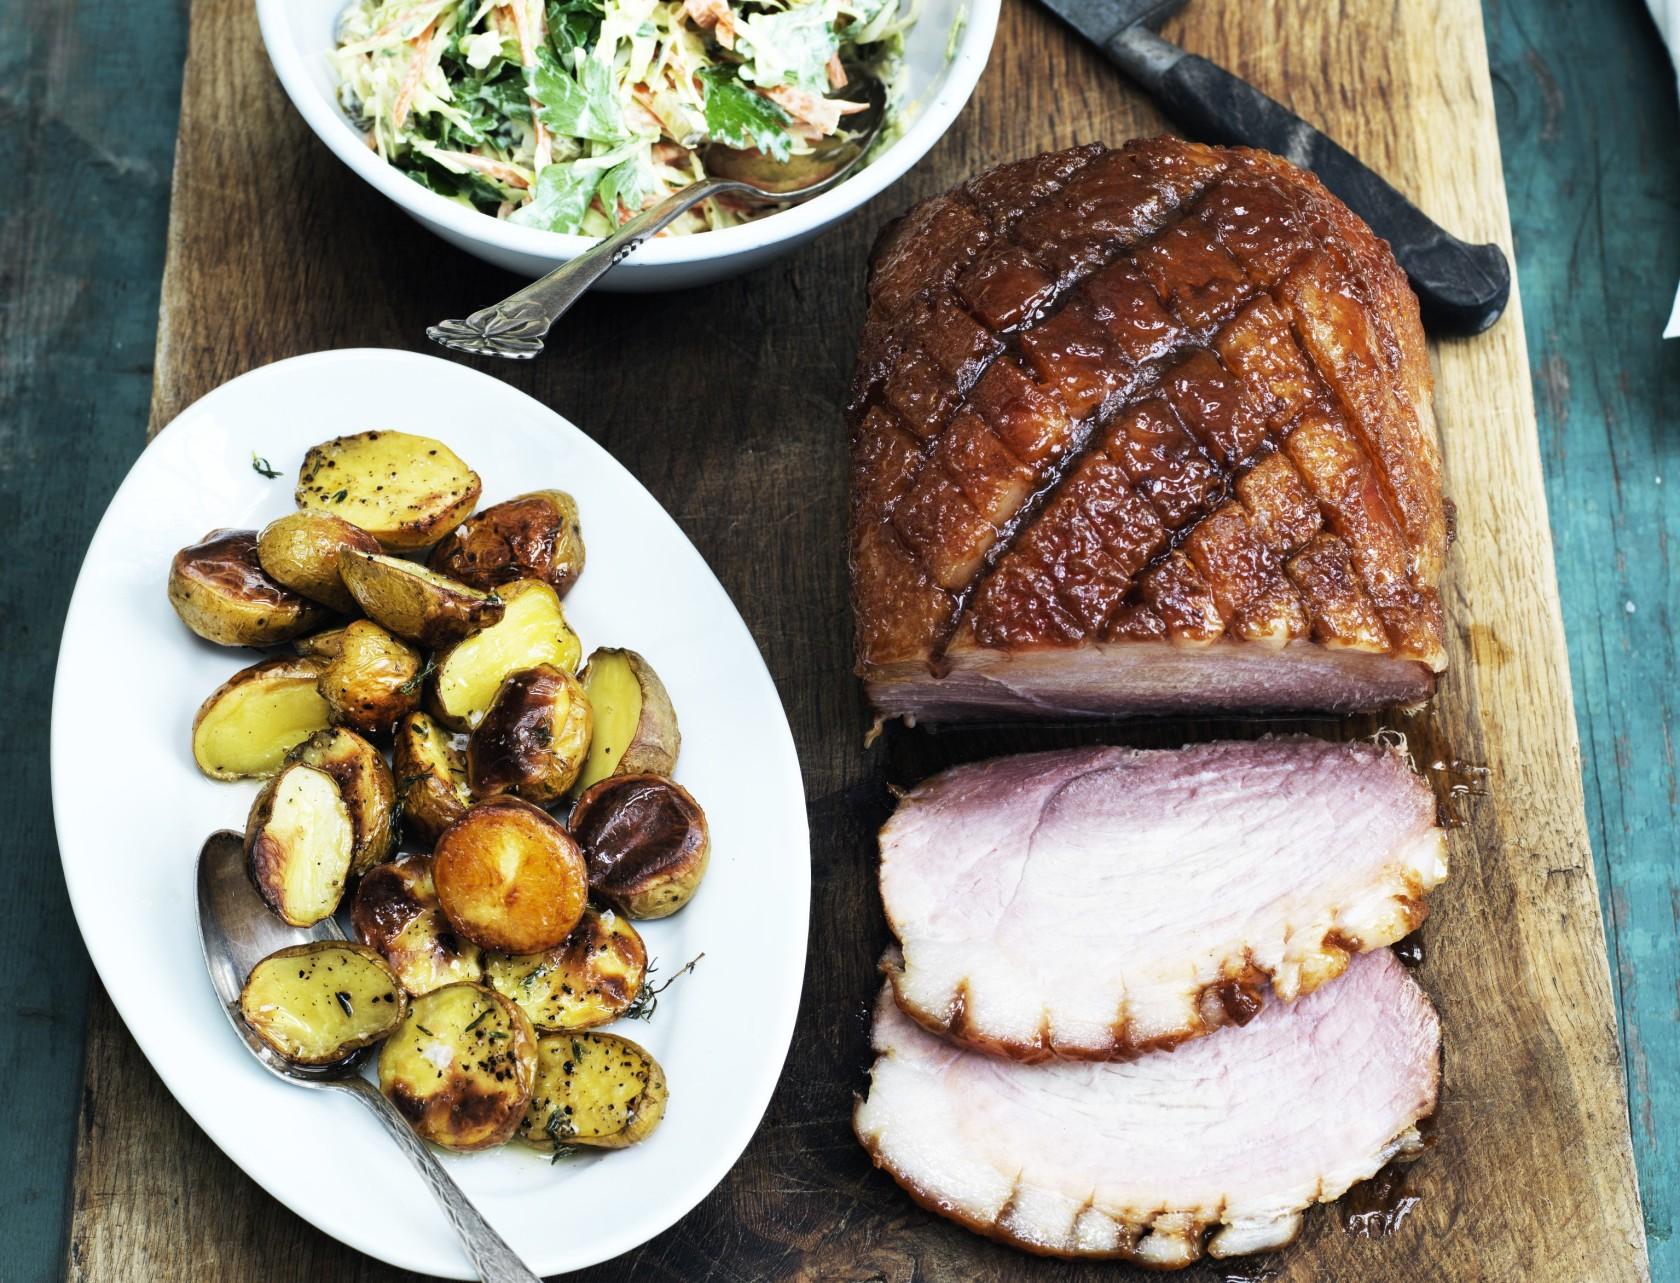 Glaseret skinke med coleslaw og stegte kartofler - opskrift på den perfekte gæstemad!